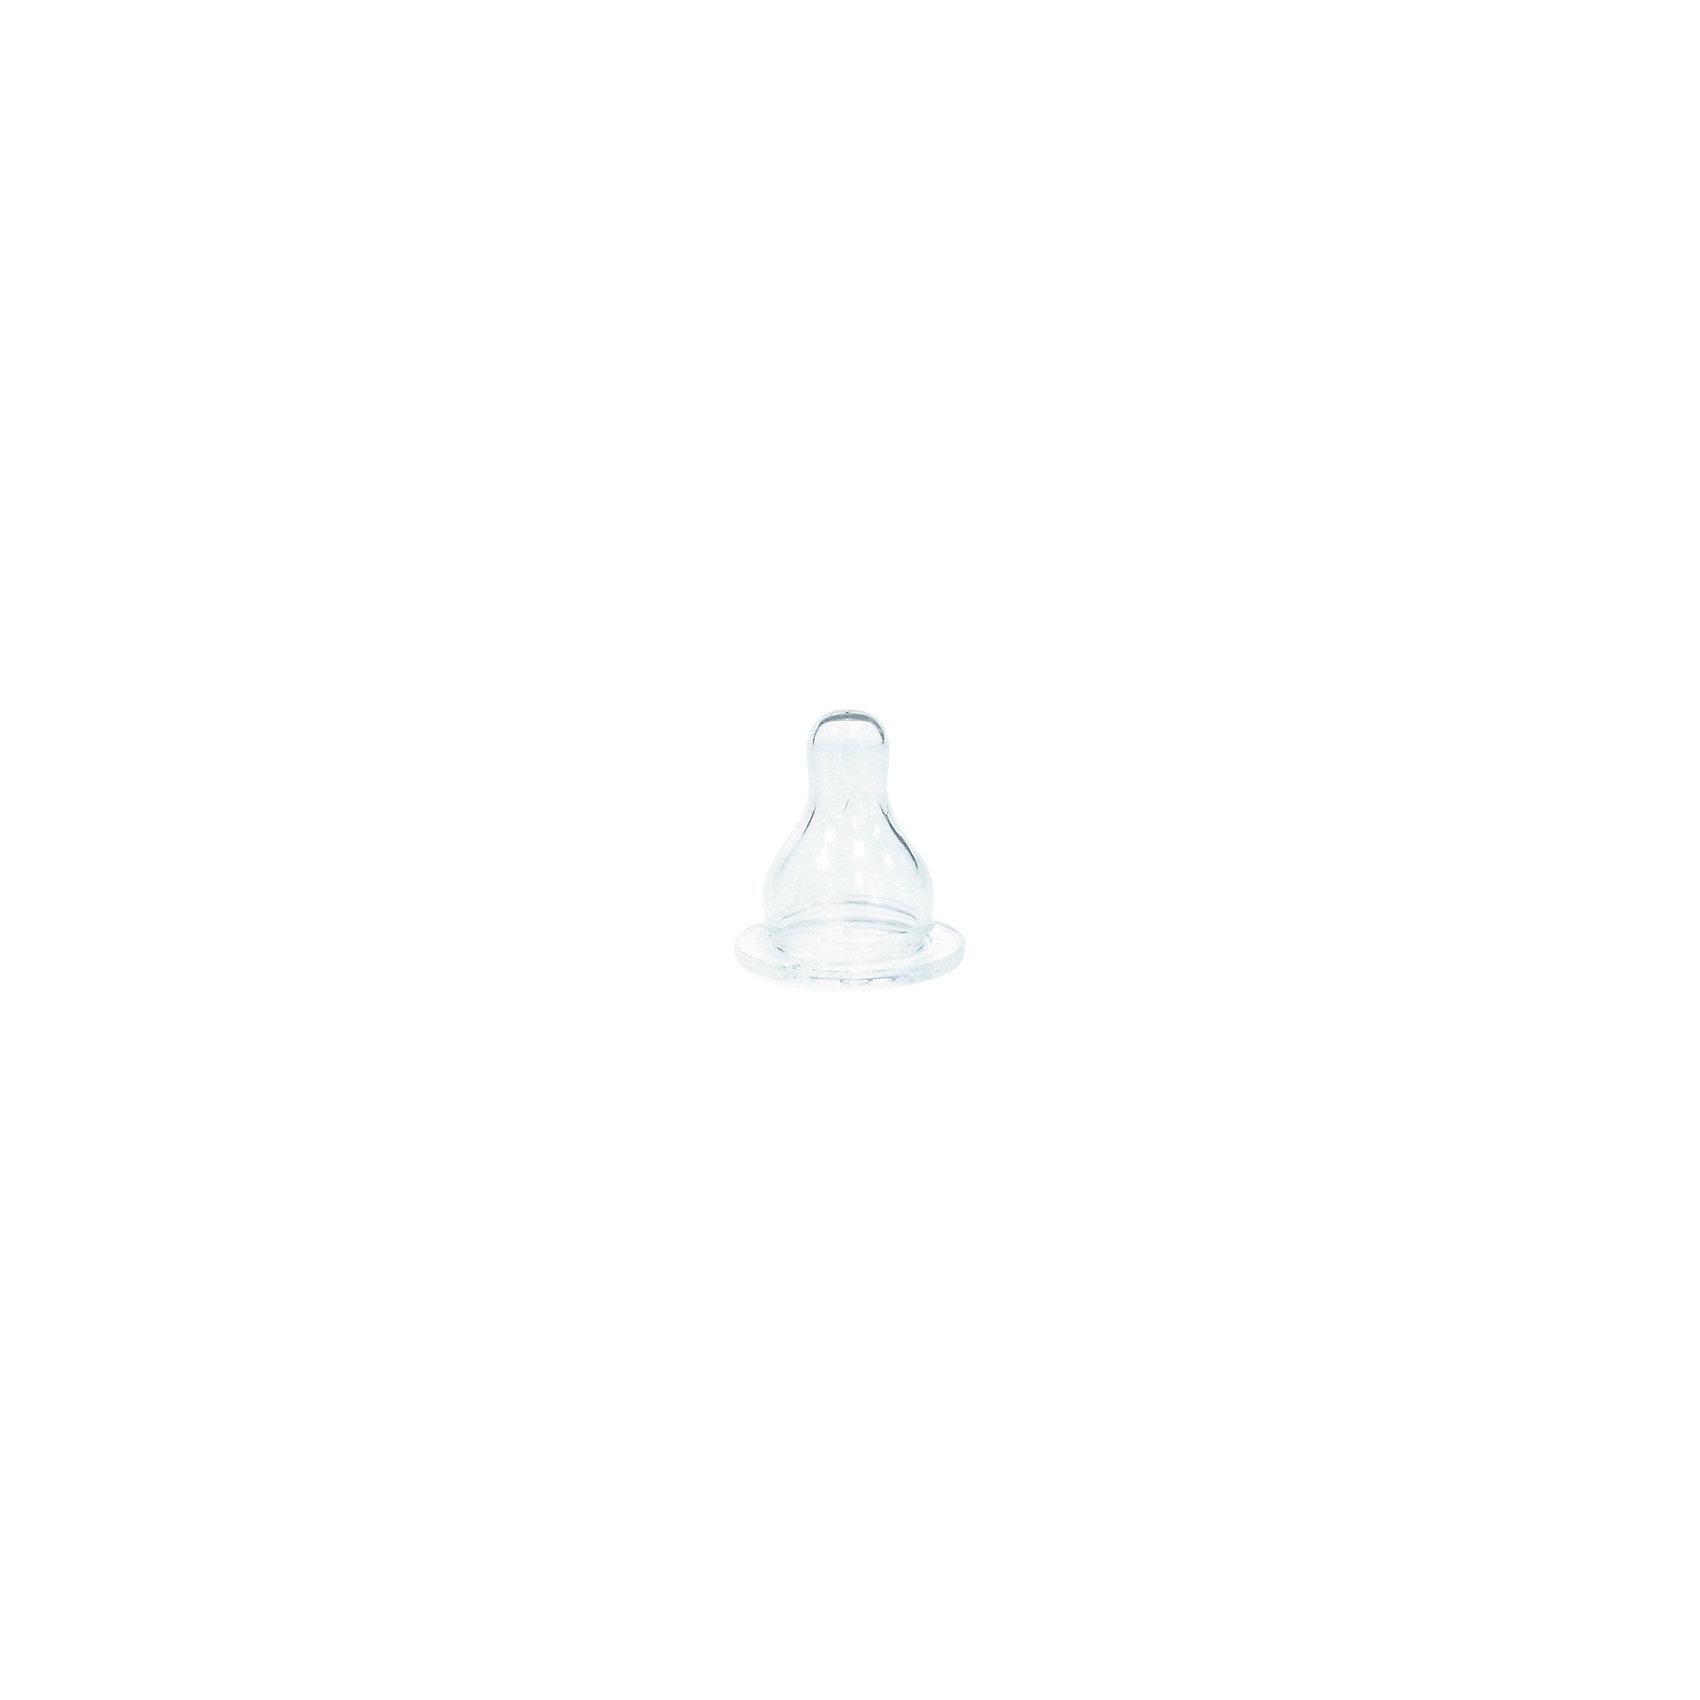 Соска молочная L от 6 мес. силикон быстрый поток 2 шт., LUBBYСоска молочная L от 6 месяцев  торговой  марки LUBBY подходит для многих бутылочек  и изготавливается их высококачественного силикона, который не содержит ни вредных примесей, не имеет вкуса или неприятного  запаха. С помощью специальной формы и мягкости материала, Ваш малыш будет с легкостью переходить от груди к бутылочке и обратно. В комплекте 2 сменные соски. <br><br>Дополнительная информация: <br><br>- состав: силикон<br>- срок службы: 45 дней<br>- комплектация: 2 шт.<br>- размер: размер s, малый поток<br>- размер единичной упаковки (дхшхв) : 60x70x40<br>- вес: 20<br><br>Силиконовую соску торговой  марки LUBBY можно купить в нашем интернет-магазине.<br><br>Ширина мм: 60<br>Глубина мм: 70<br>Высота мм: 40<br>Вес г: 350<br>Возраст от месяцев: 6<br>Возраст до месяцев: 2147483647<br>Пол: Унисекс<br>Возраст: Детский<br>SKU: 4801586